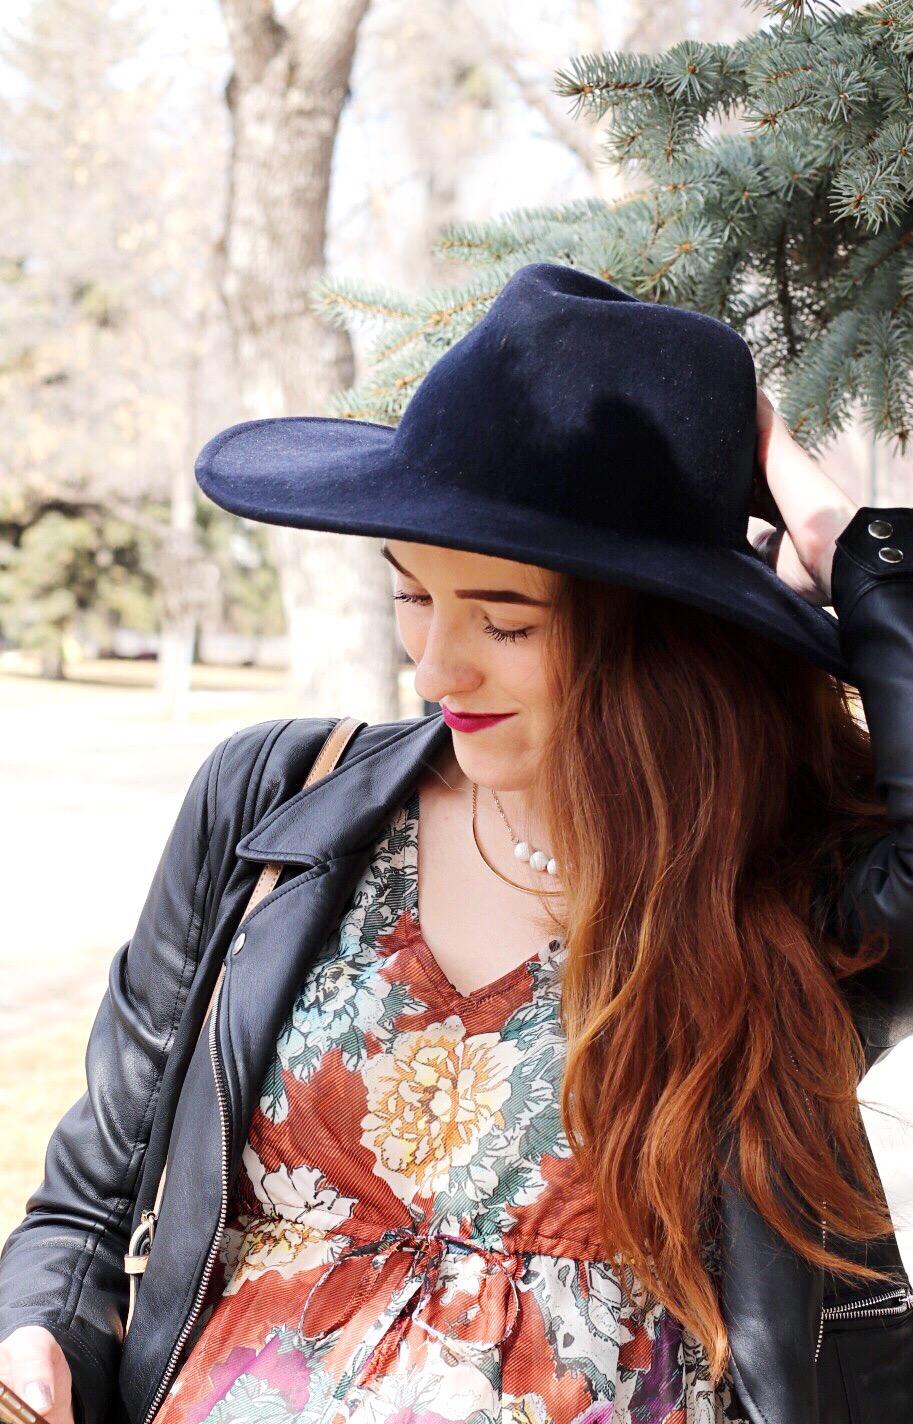 Edmonton style blogger